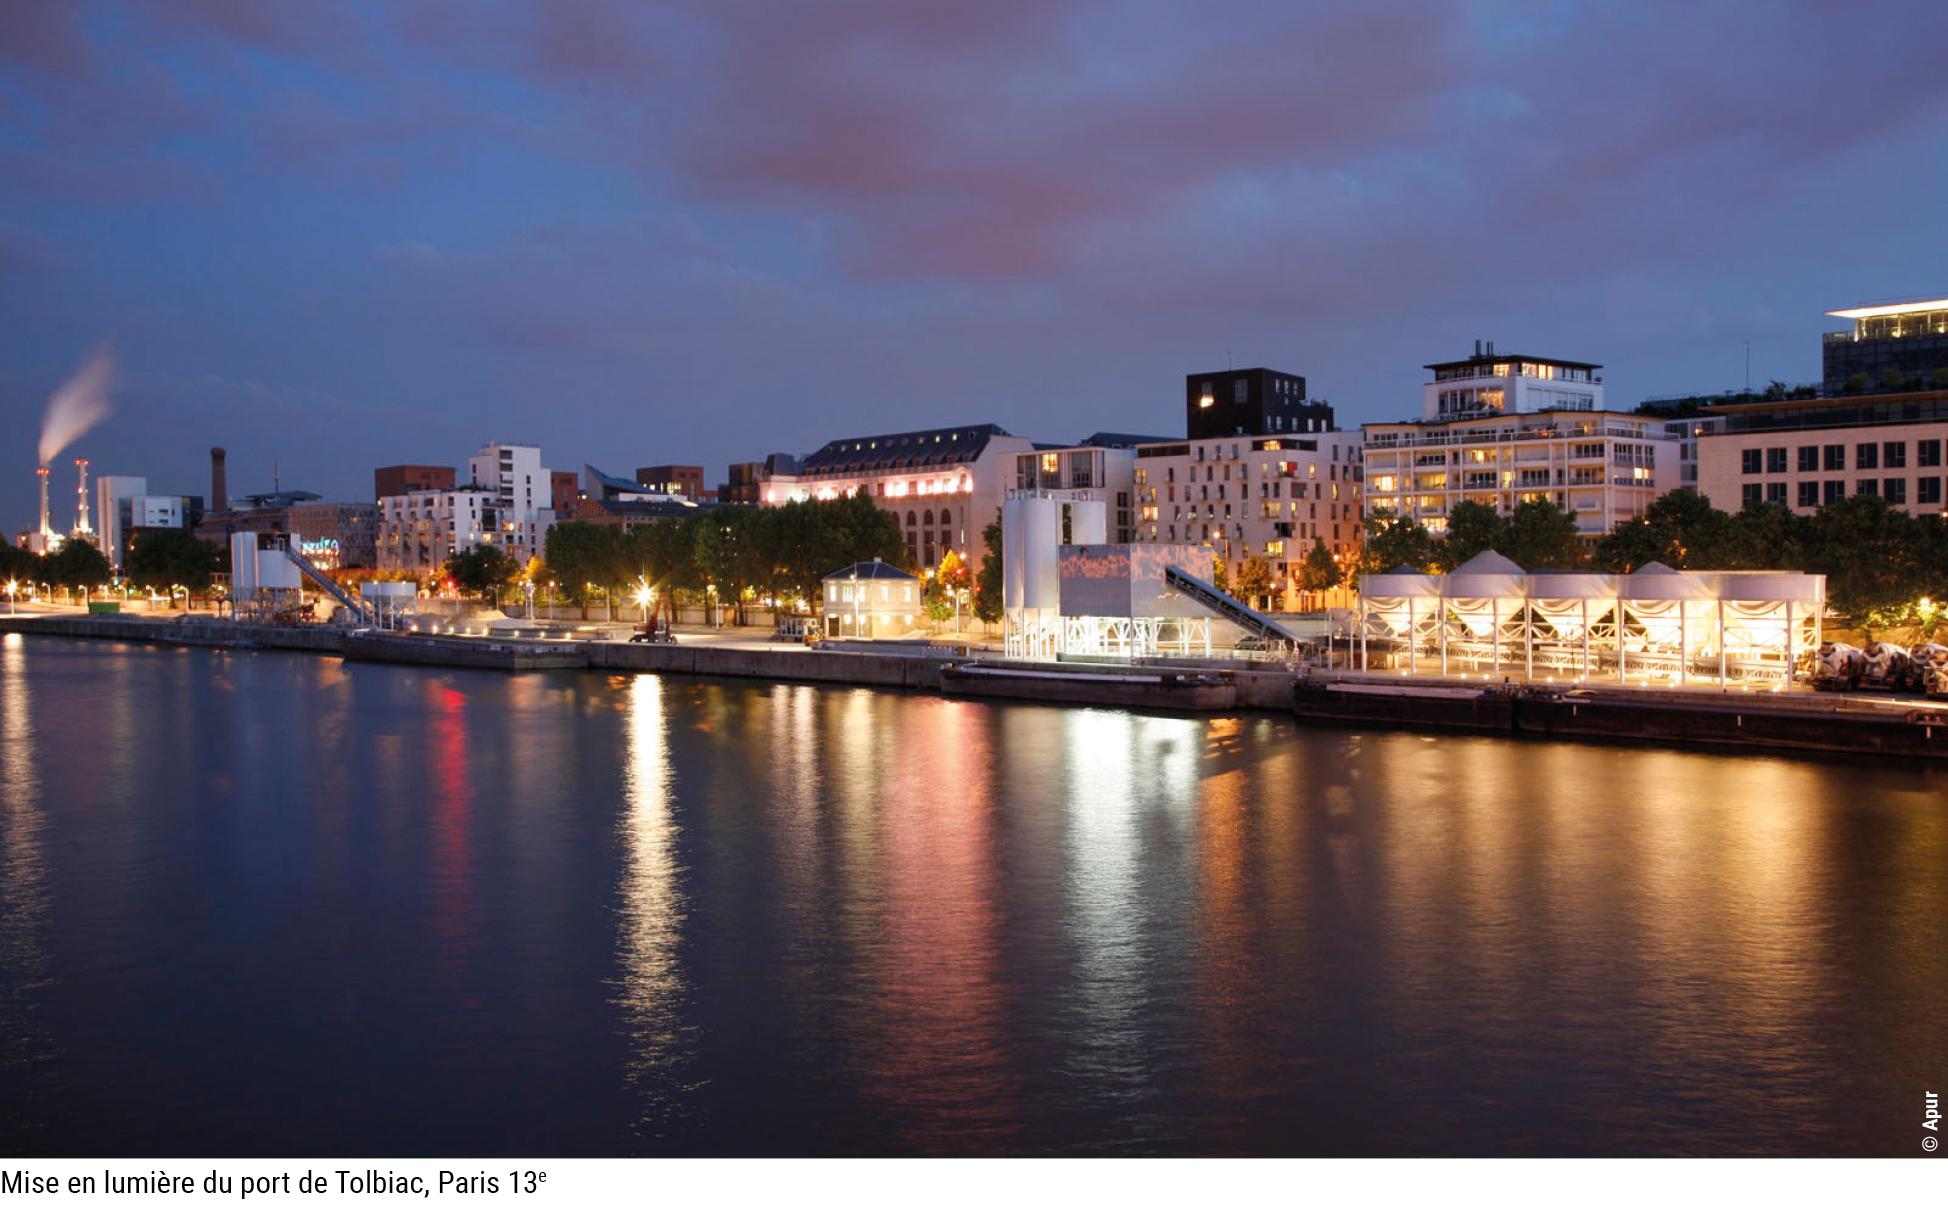 Mise en lumière du port de Tolbiac, Paris 13e © Apur